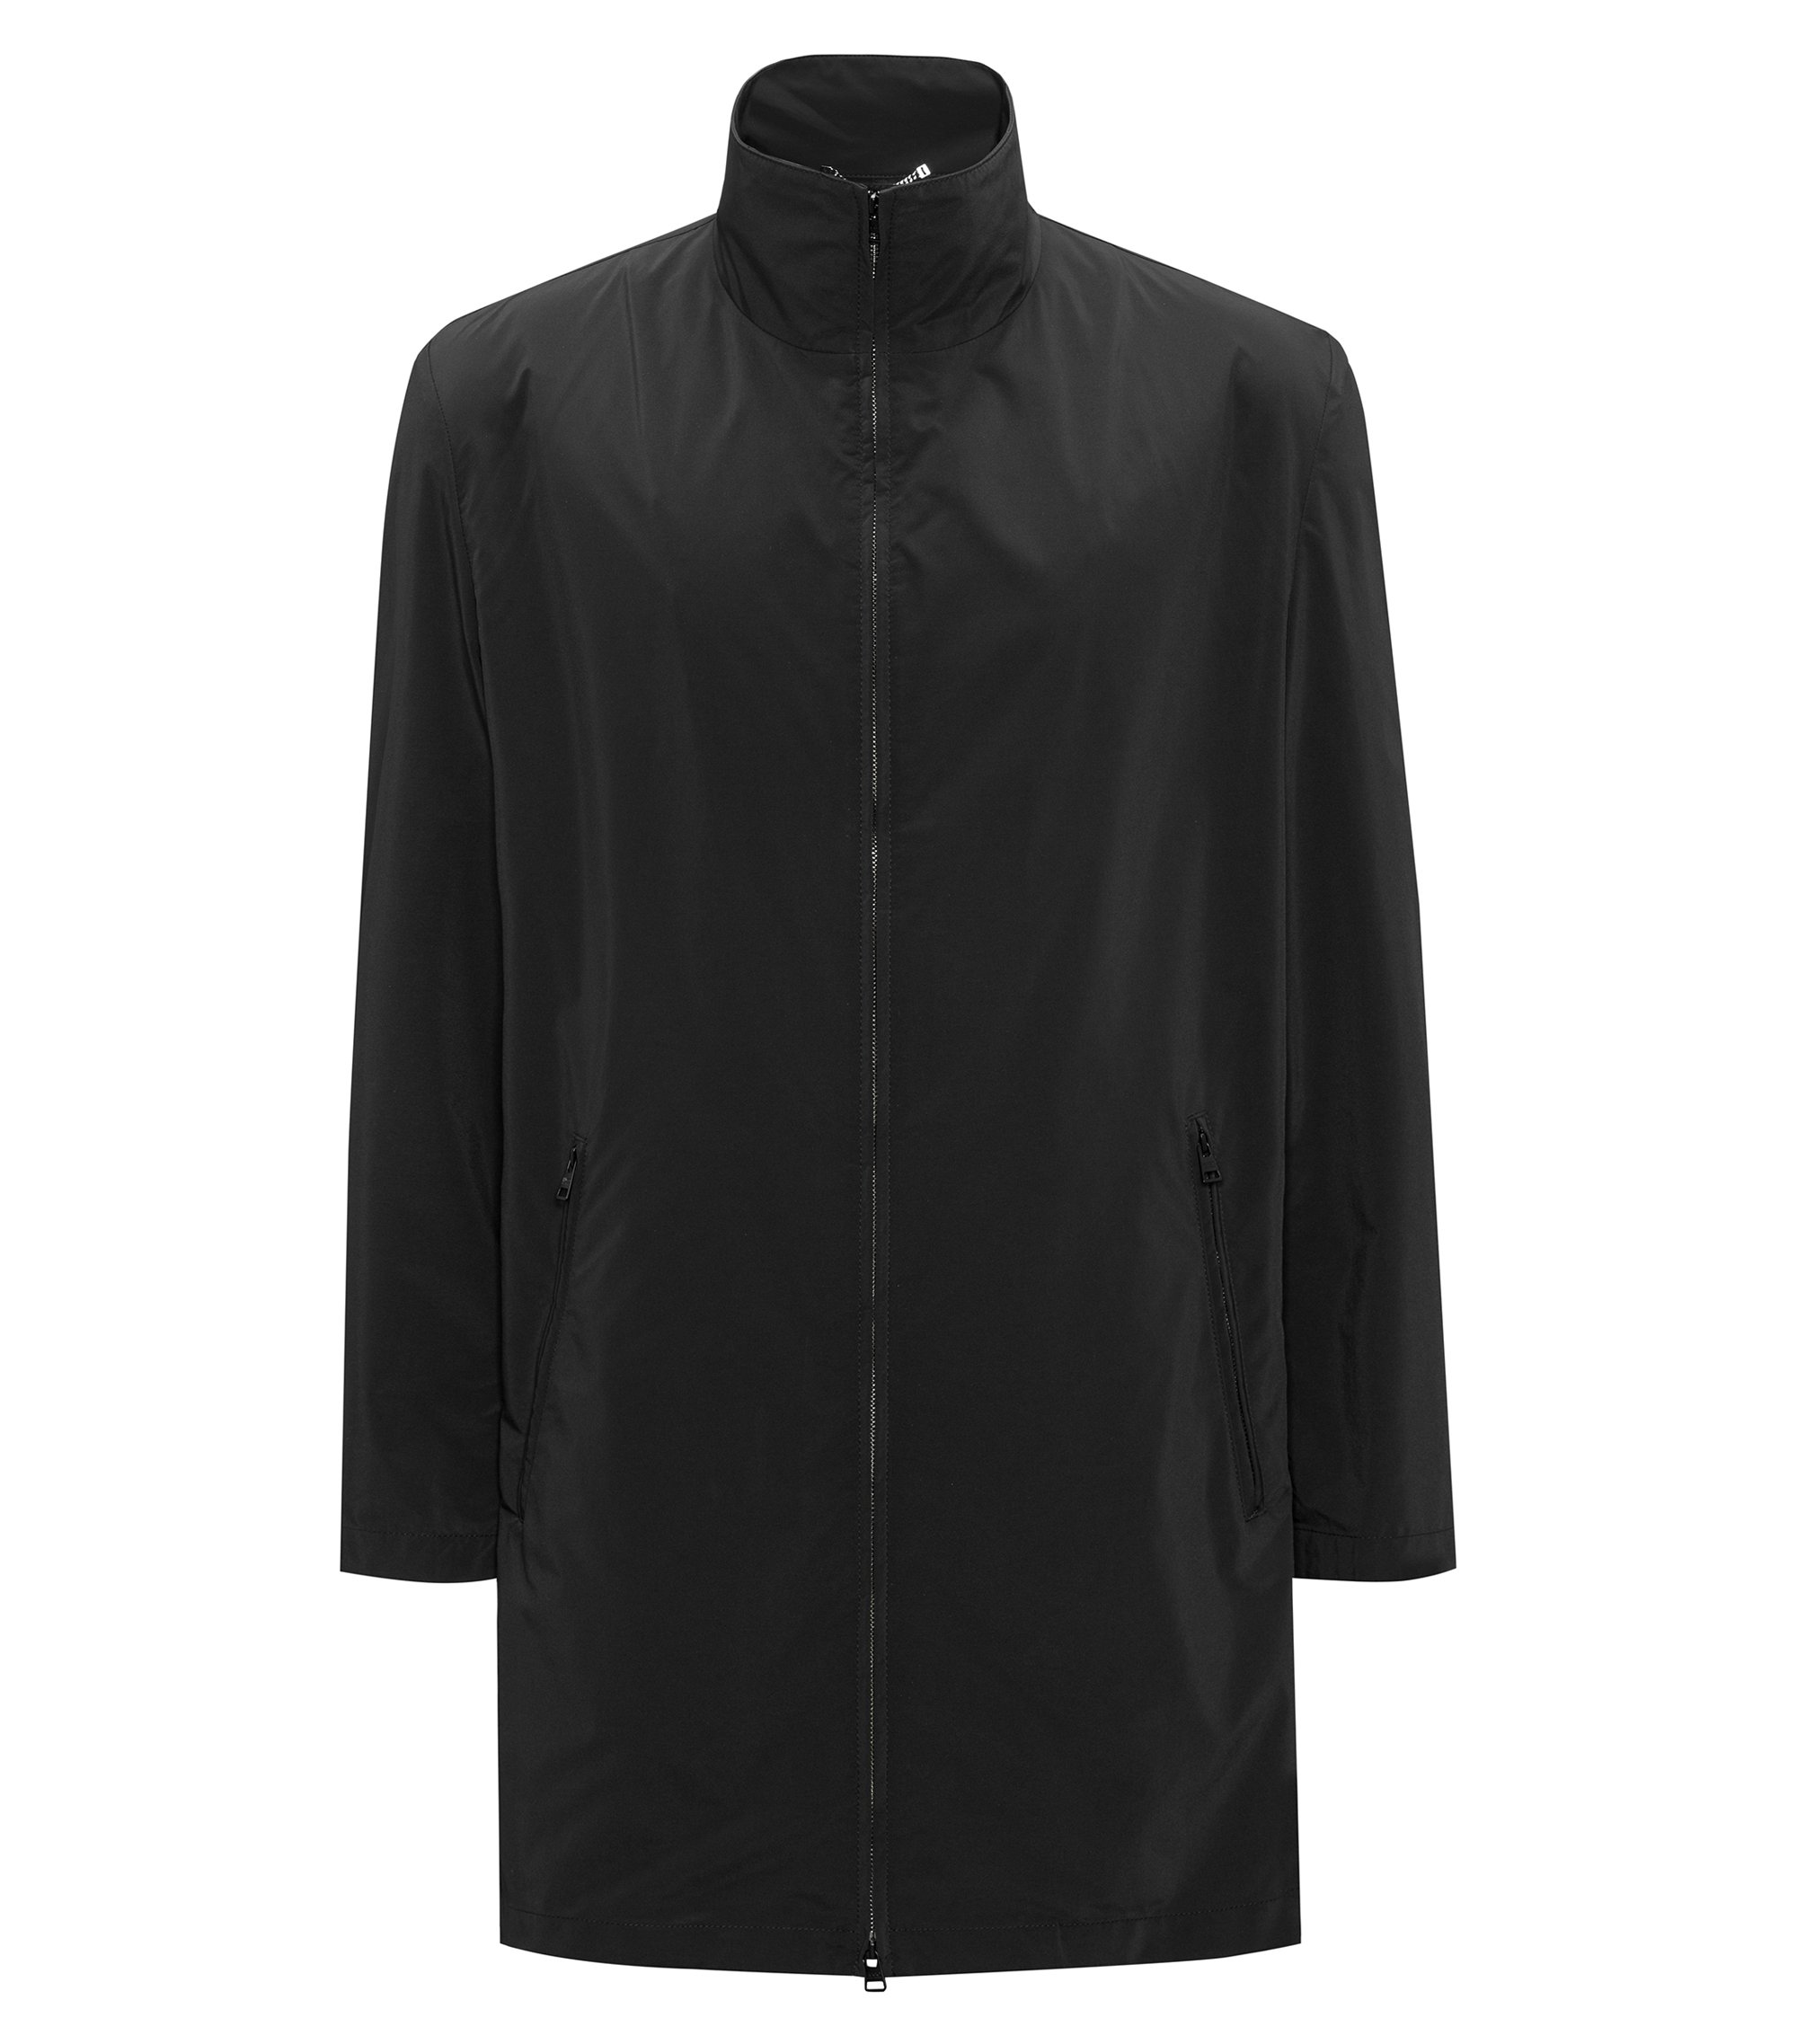 Abrigo slim fit con cremallera integral y cuello mao, Negro